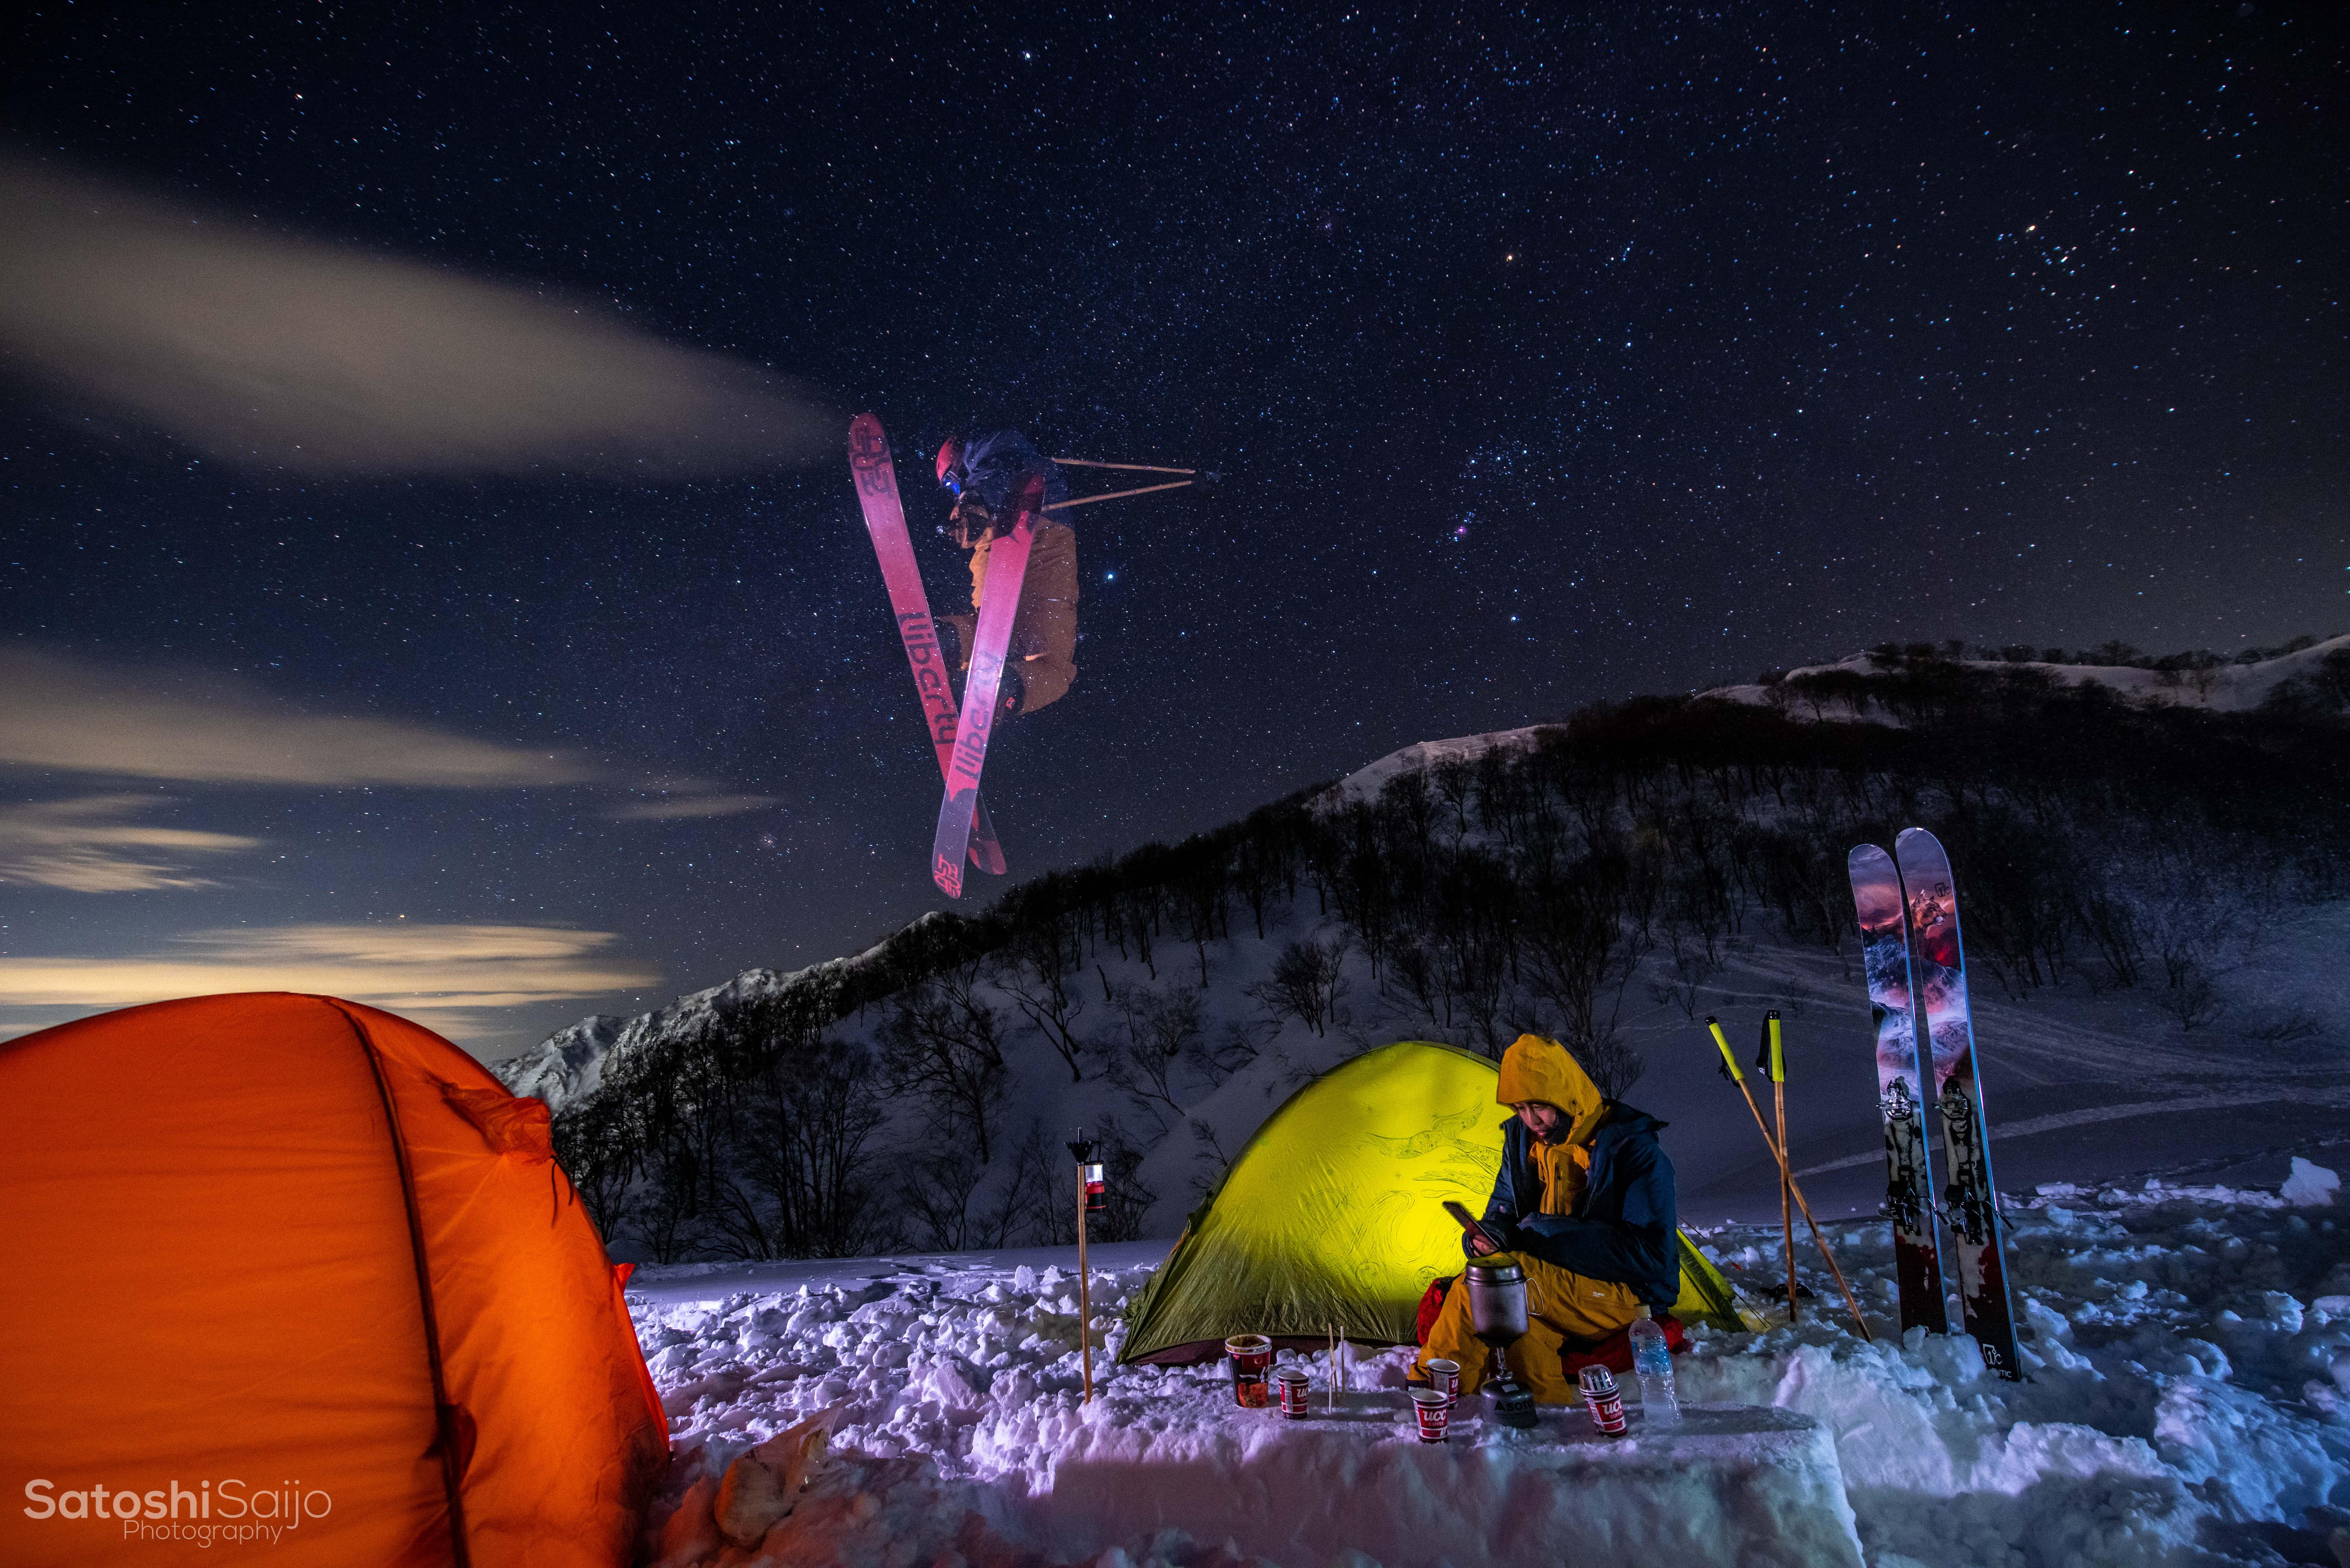 キャンプ&星空スキー